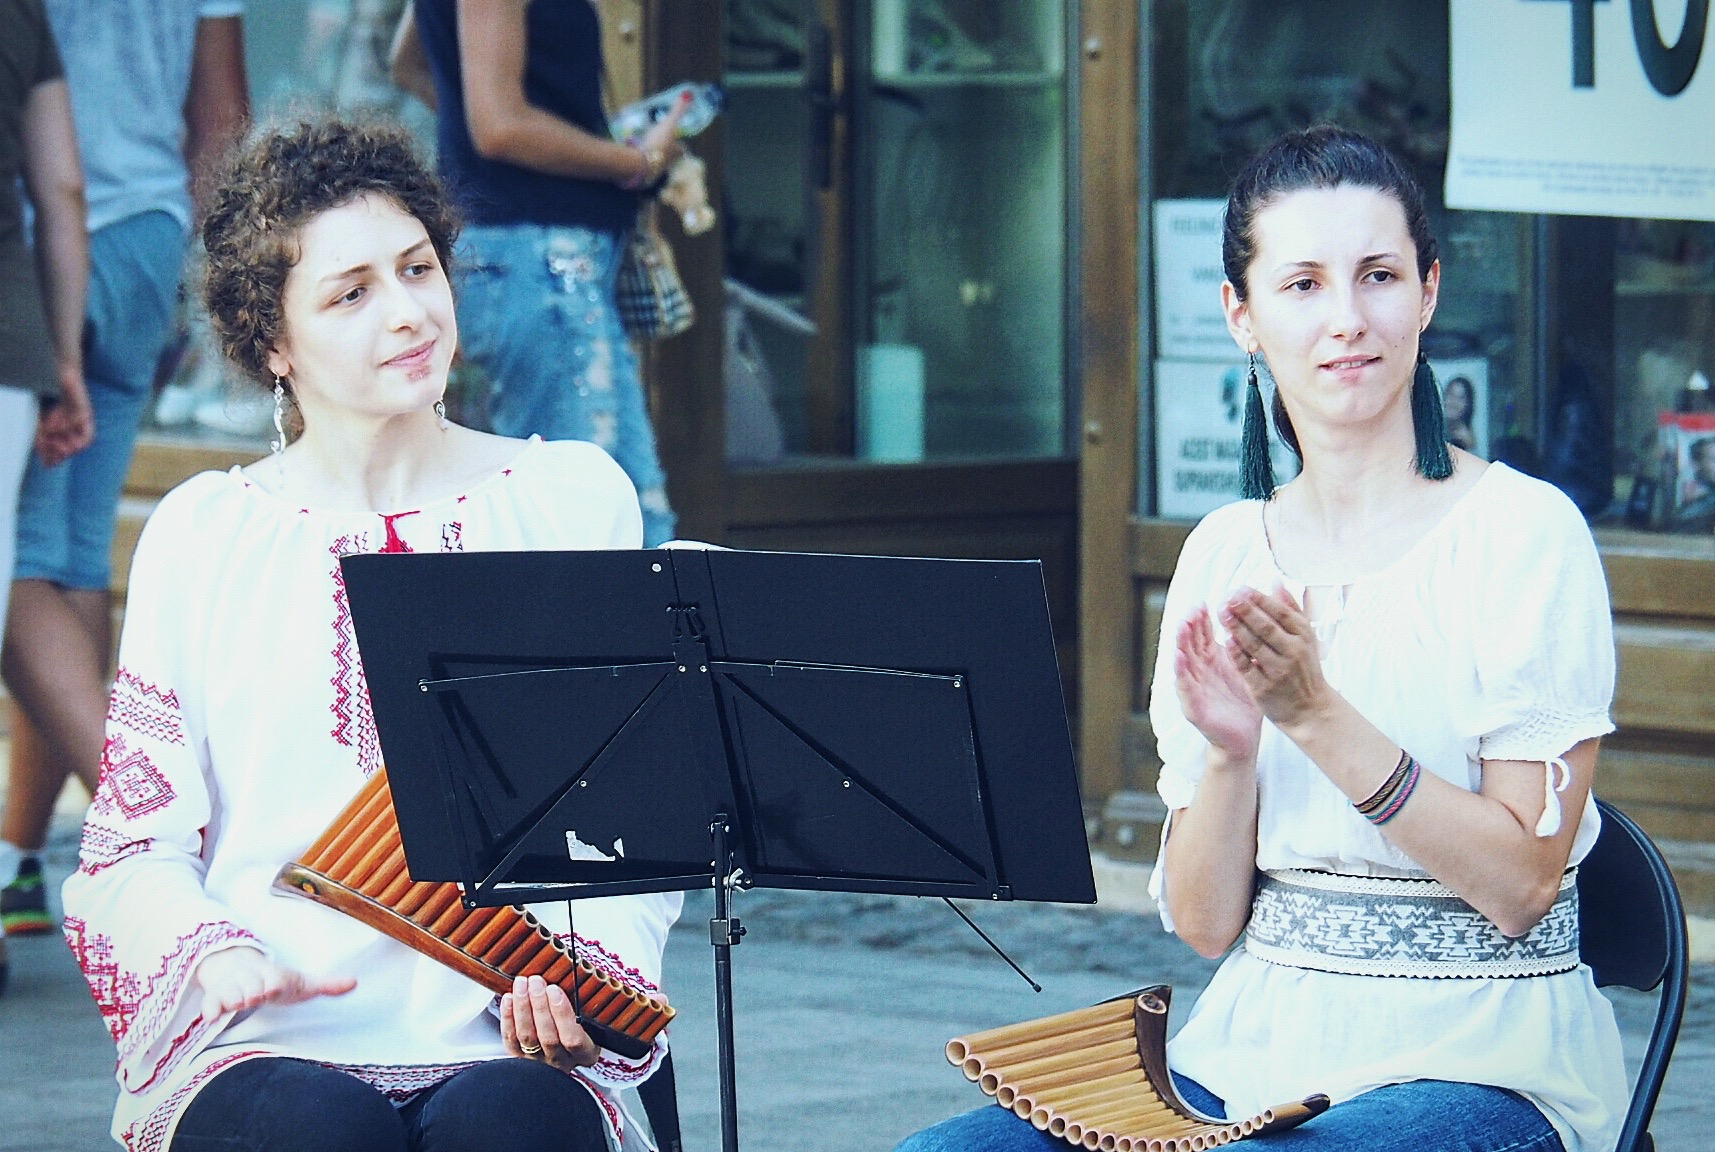 Flötenspielerinnen in Sibius Fußgängrzone